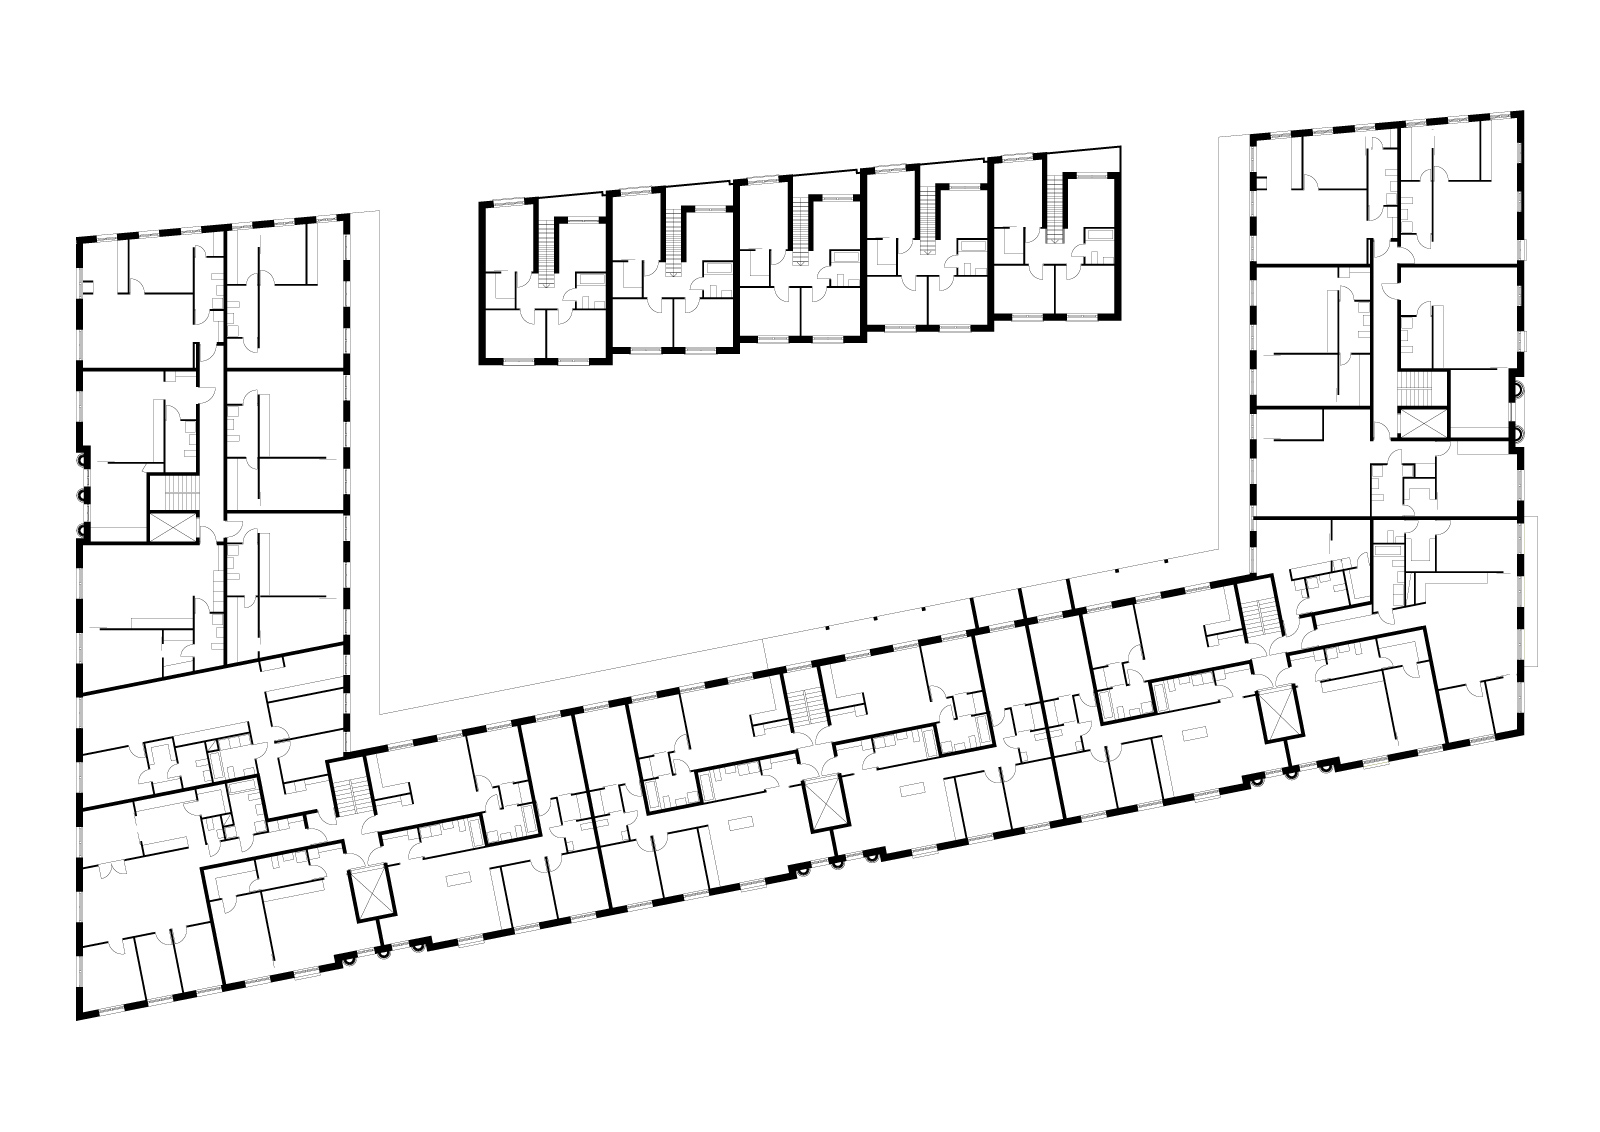 vasjontypplankvc.jpg